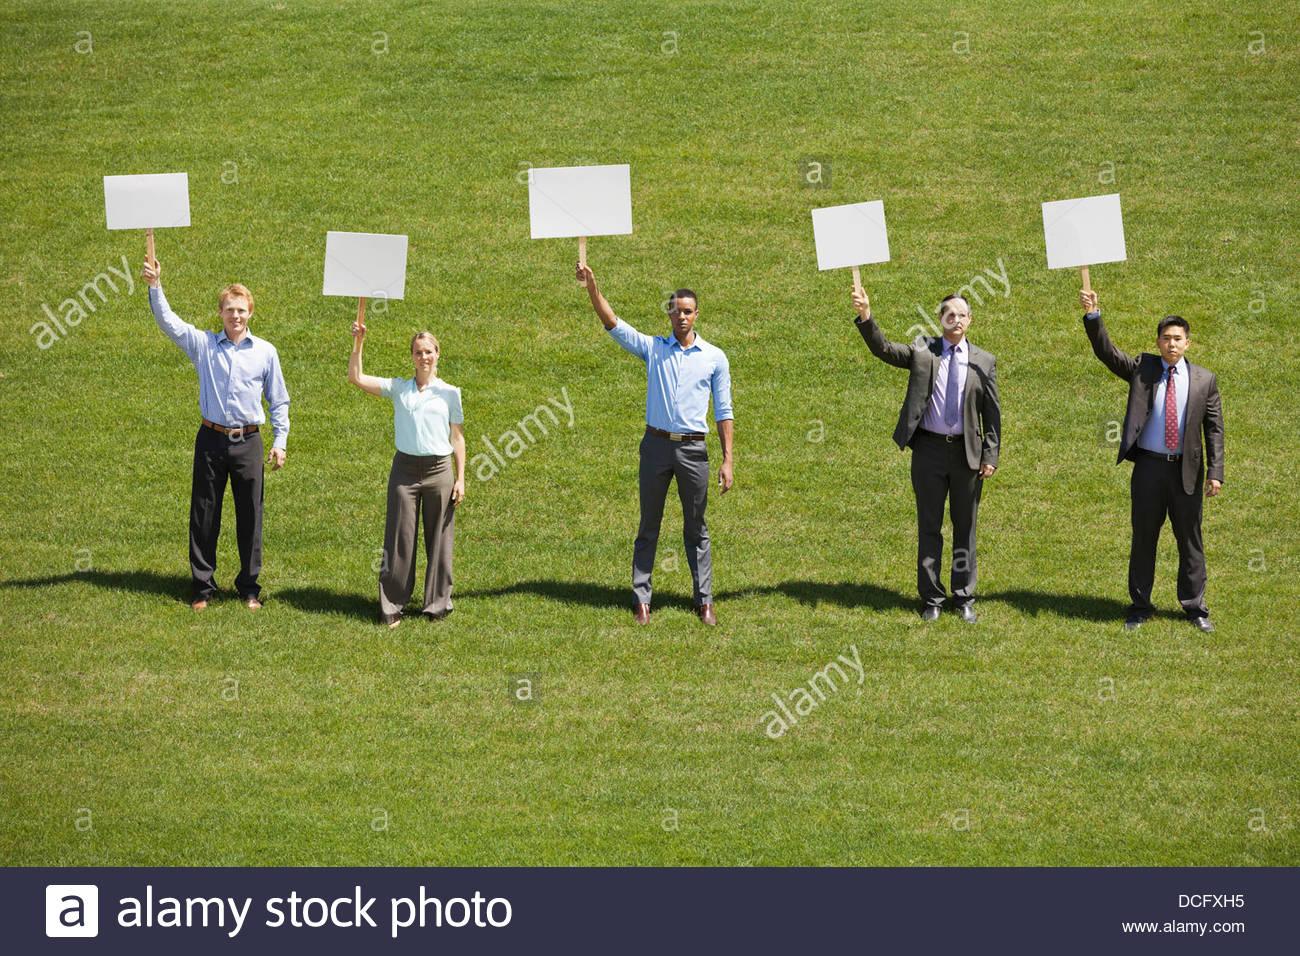 Groupe de gens d'affaires holding blank enseigne à l'extérieur Photo Stock